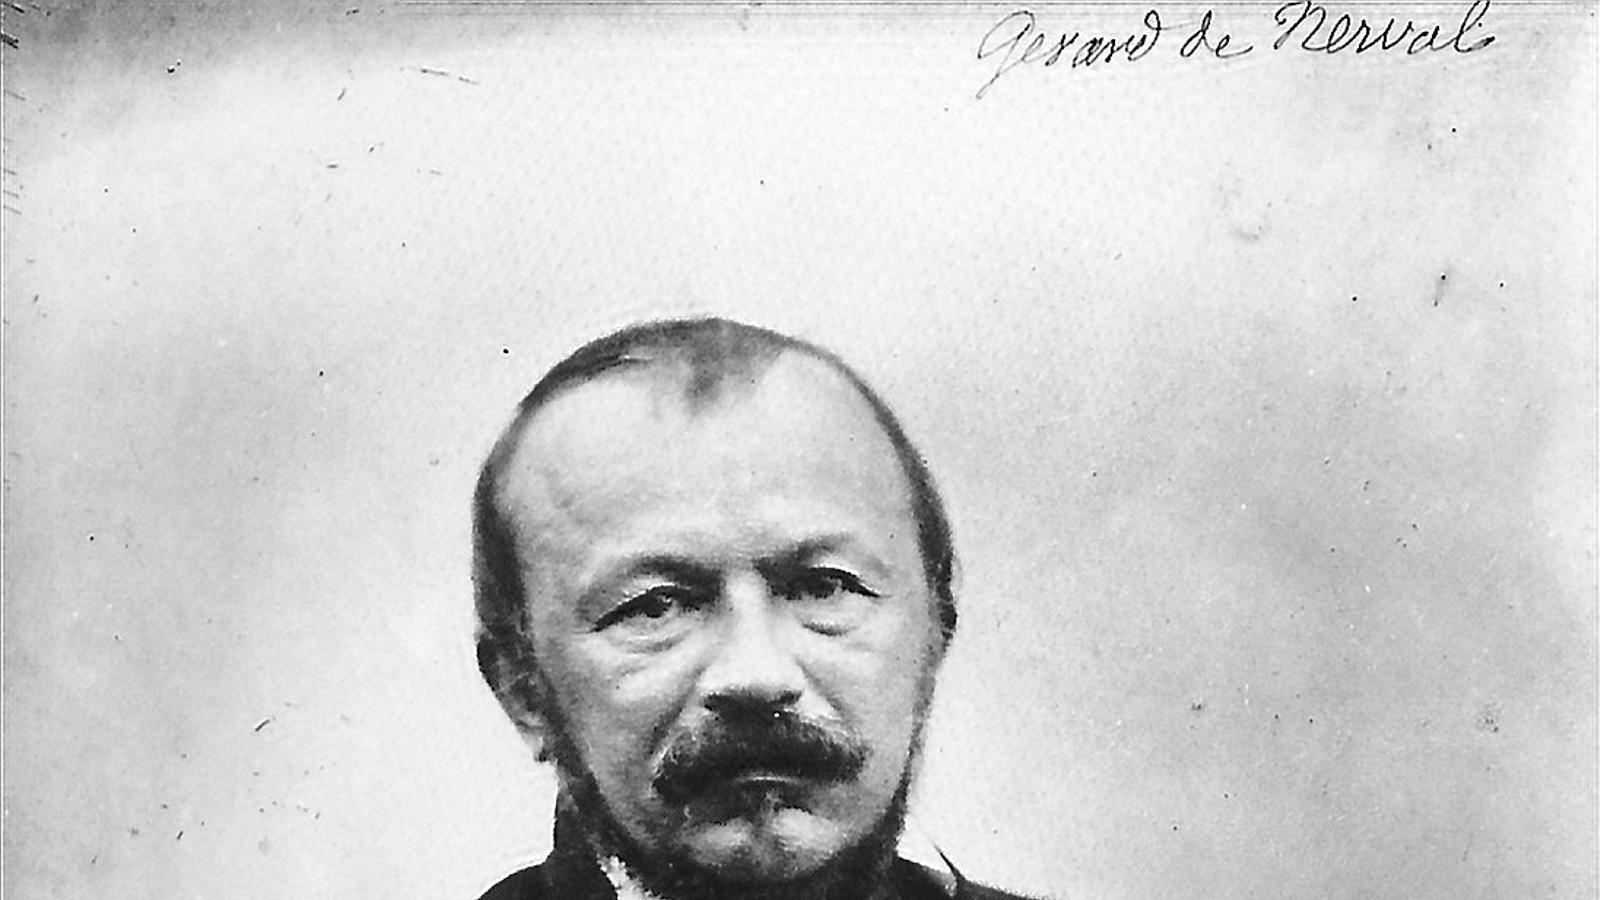 Gérard de Nerval  el 1855, pocs dies abans del seu suïcidi, fotogafiat per Adrien Tournachon, germà de Félix Nadar, a l'estudi del qual treballava.